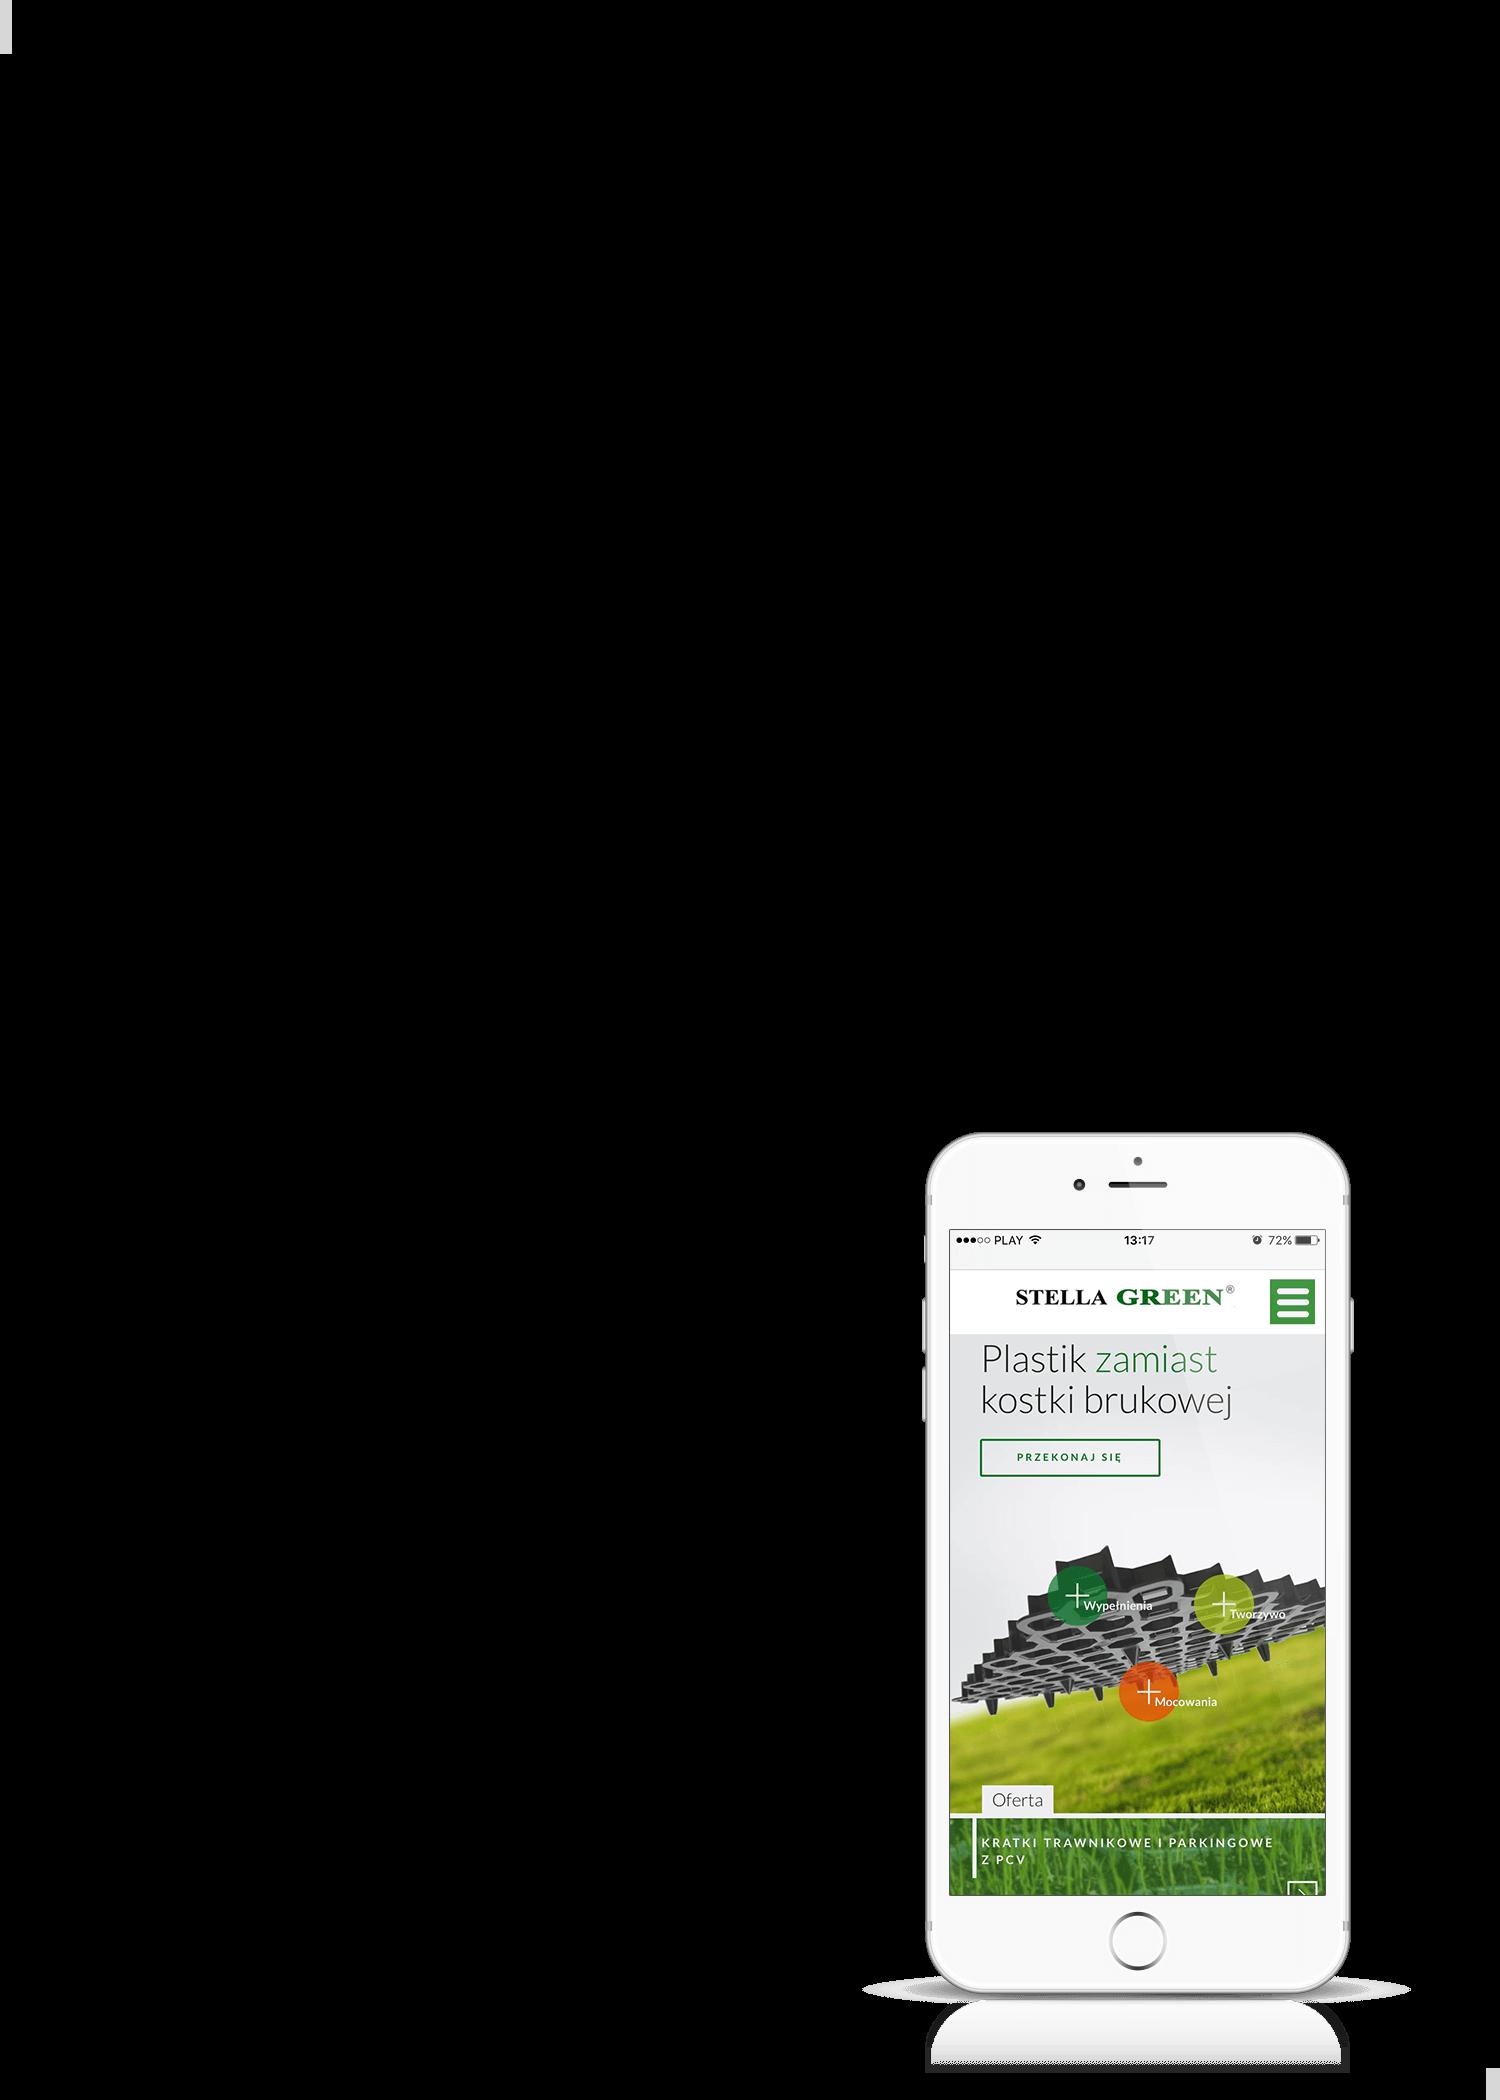 Projekt strony internetowej Stella Green na smartphonie